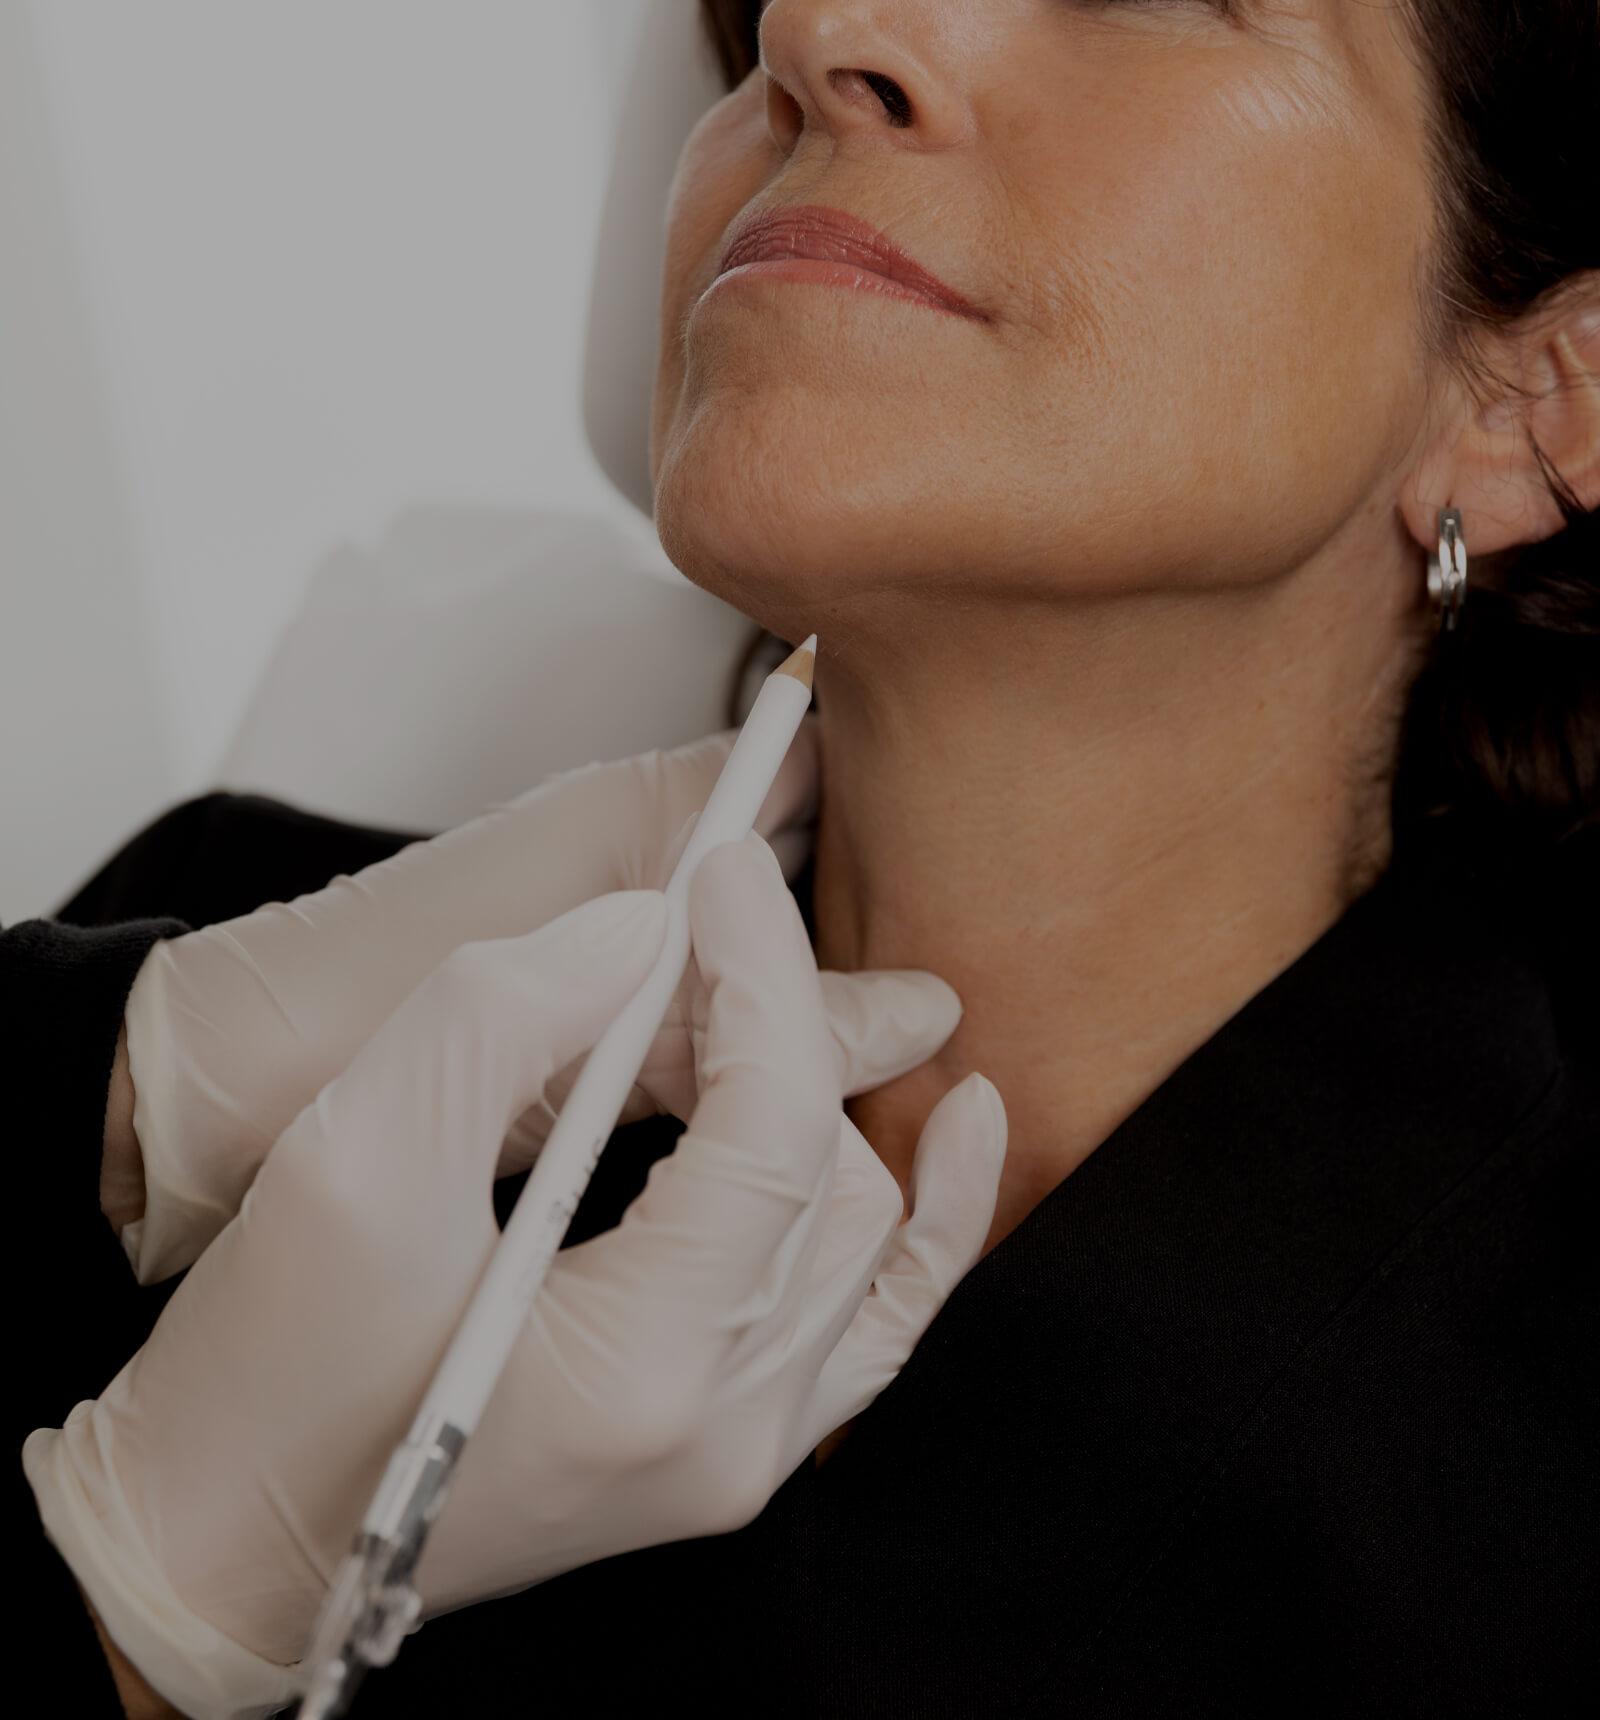 Une technicienne de la Clinique Chloé délimitant la zone à traiter avec le laser TightSculpting dans le cou d'une patiente